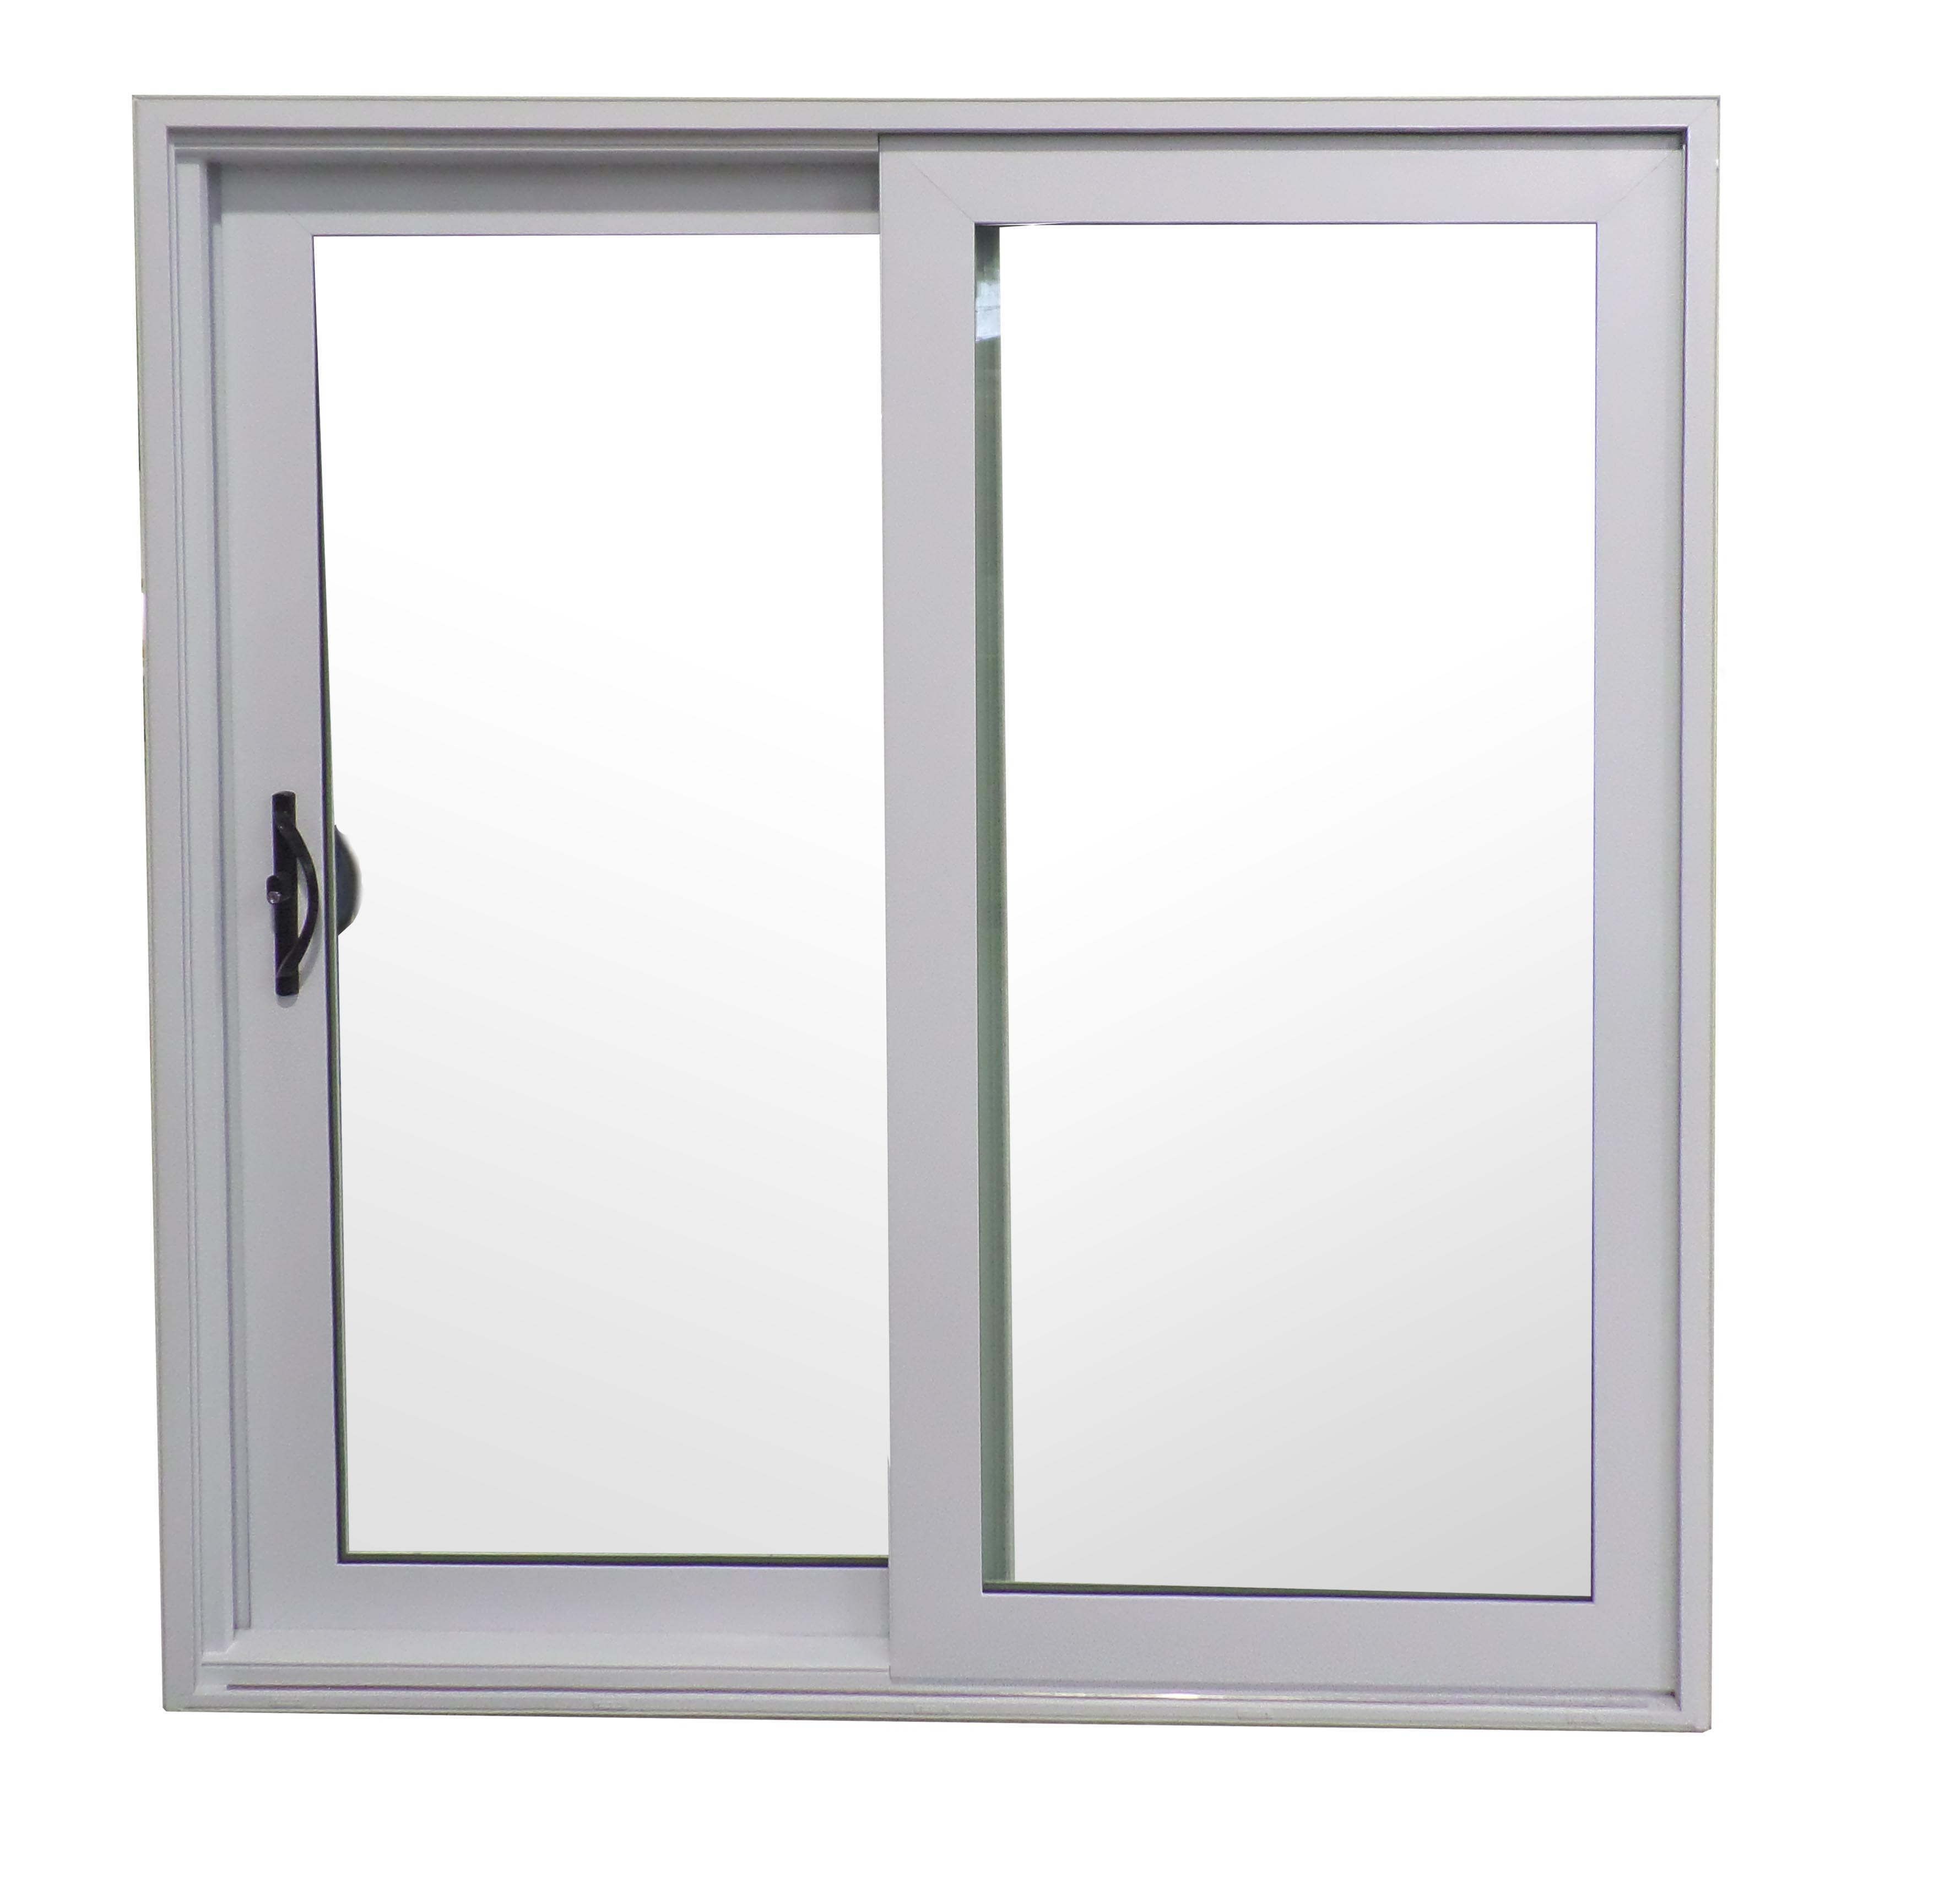 new patio sliding doors photo - 2